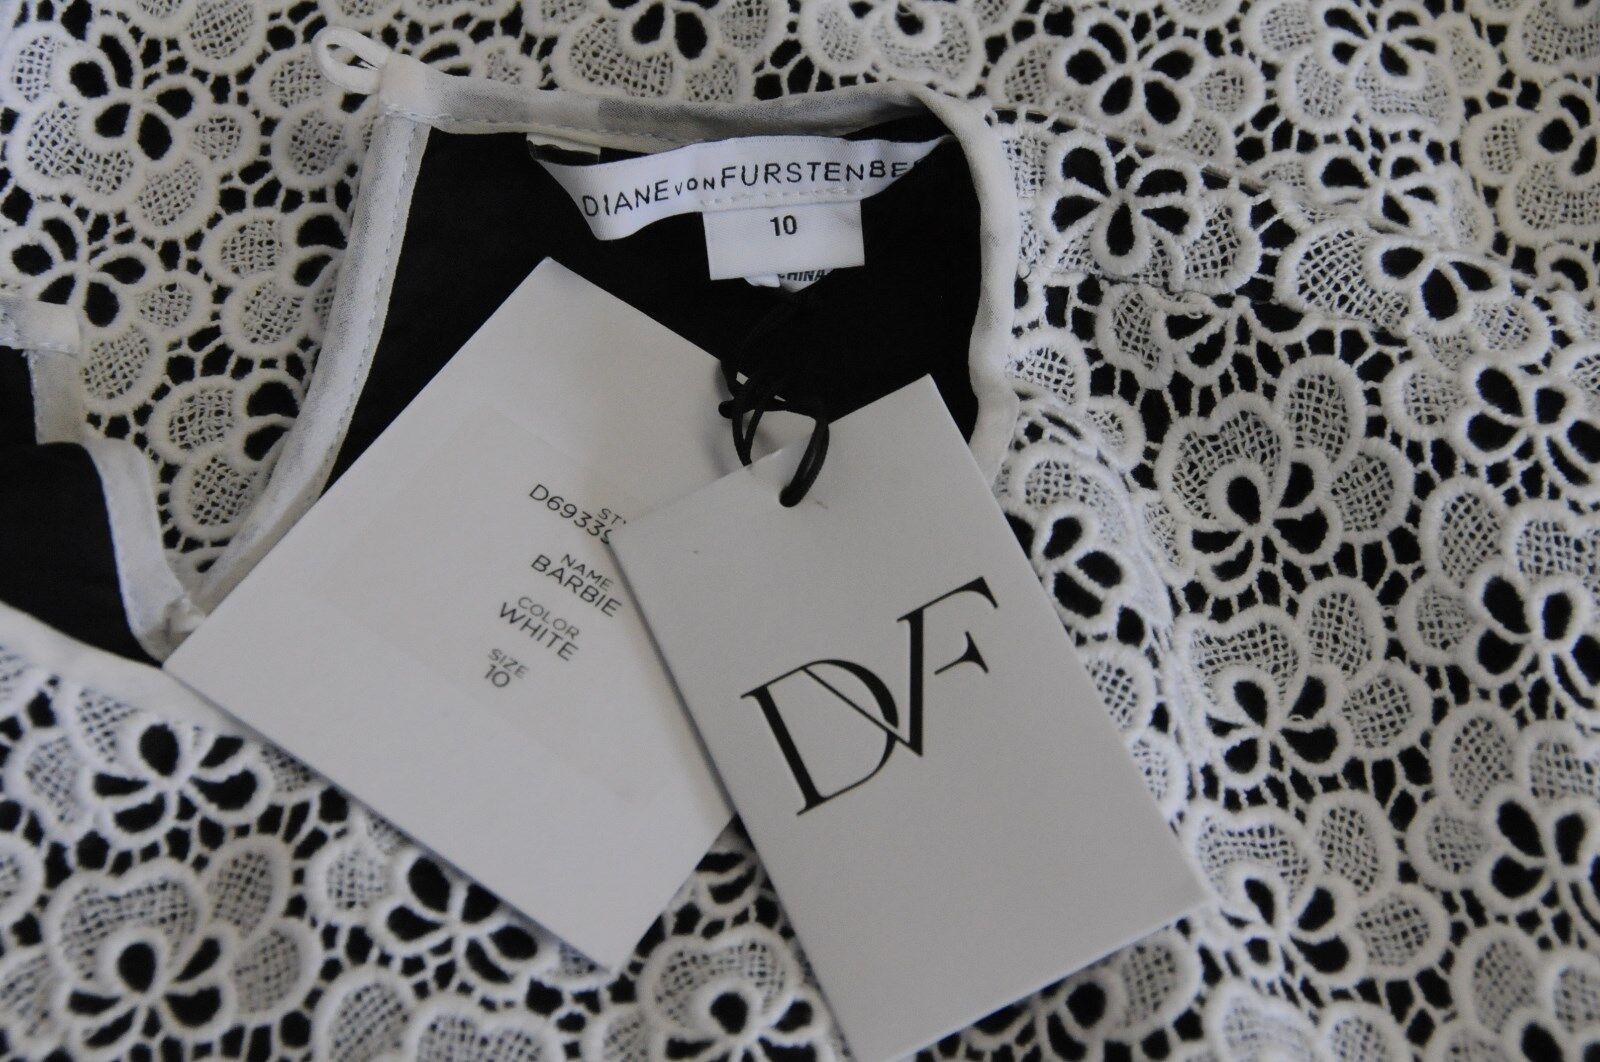 Nuovo Originale Dvf Diane Diane Diane Von Furstenberg Barbie Bianco Uncinetto Abito in Pizzo 1333f9